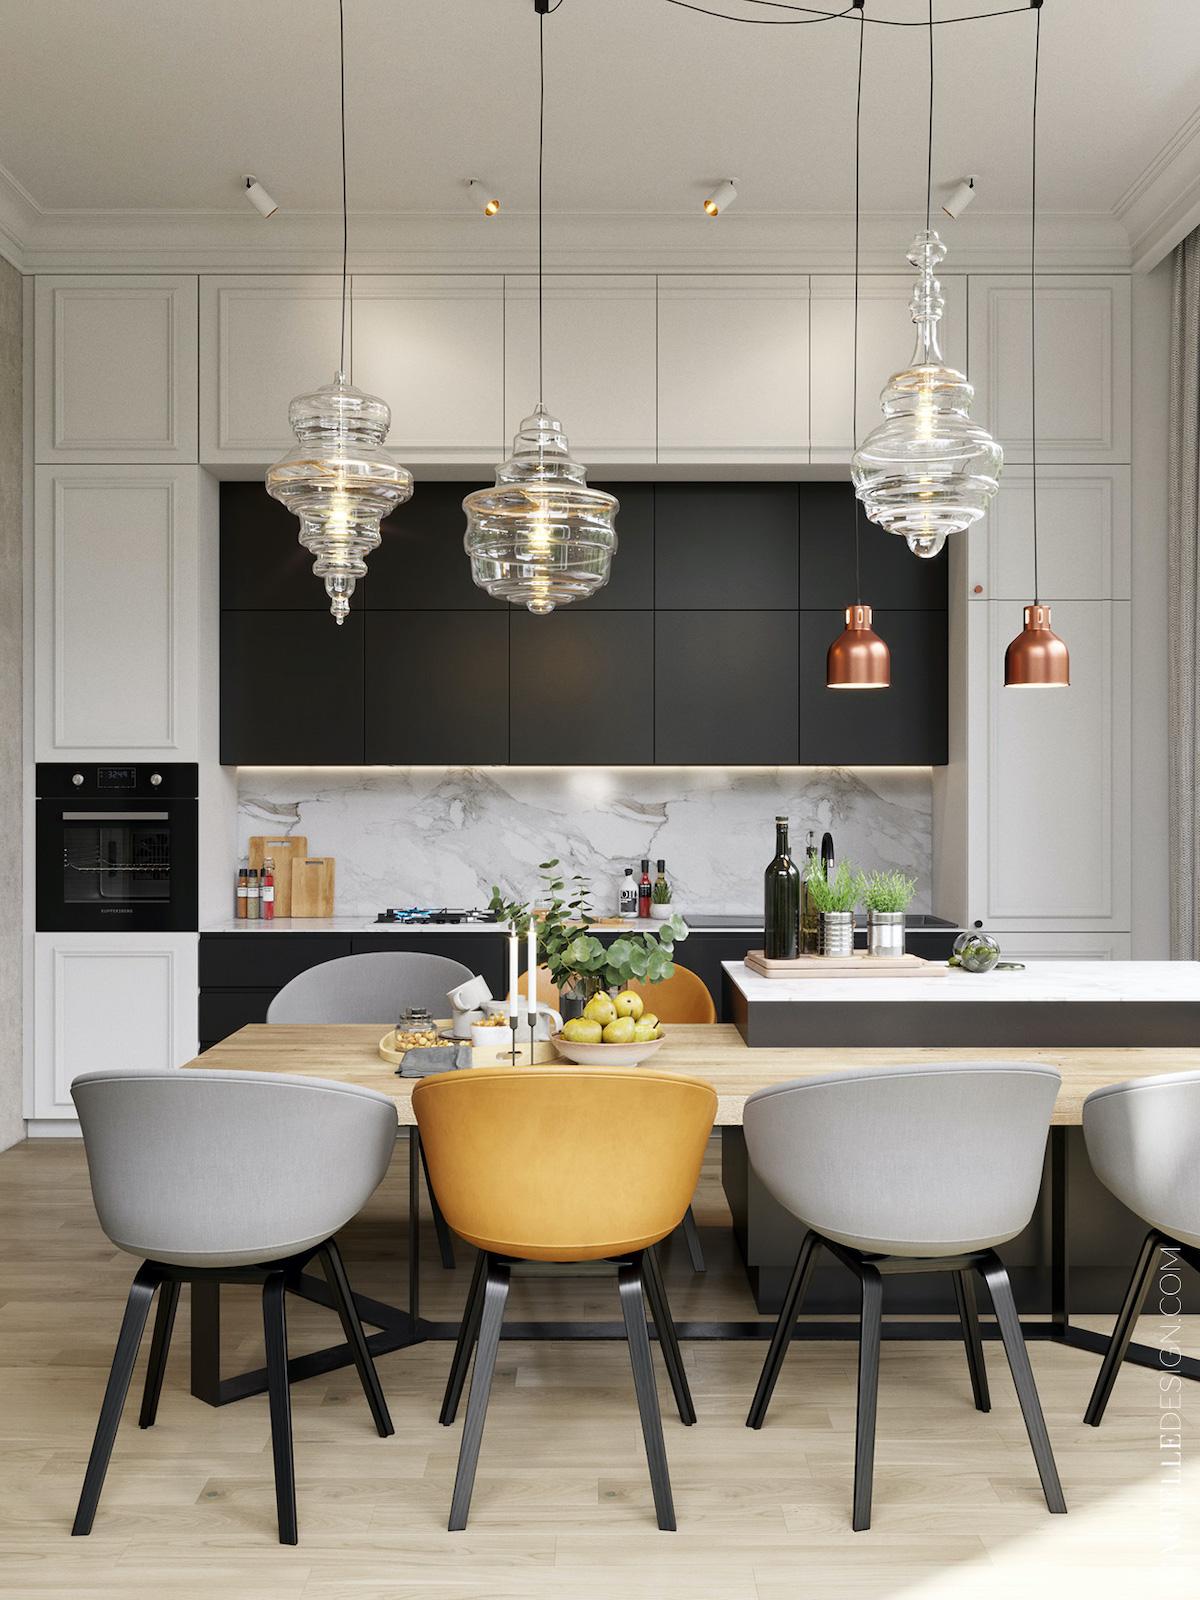 cuisine ouverte salle à manger rétro moderne grise blanche noire - blog déco clemaroundthecorner